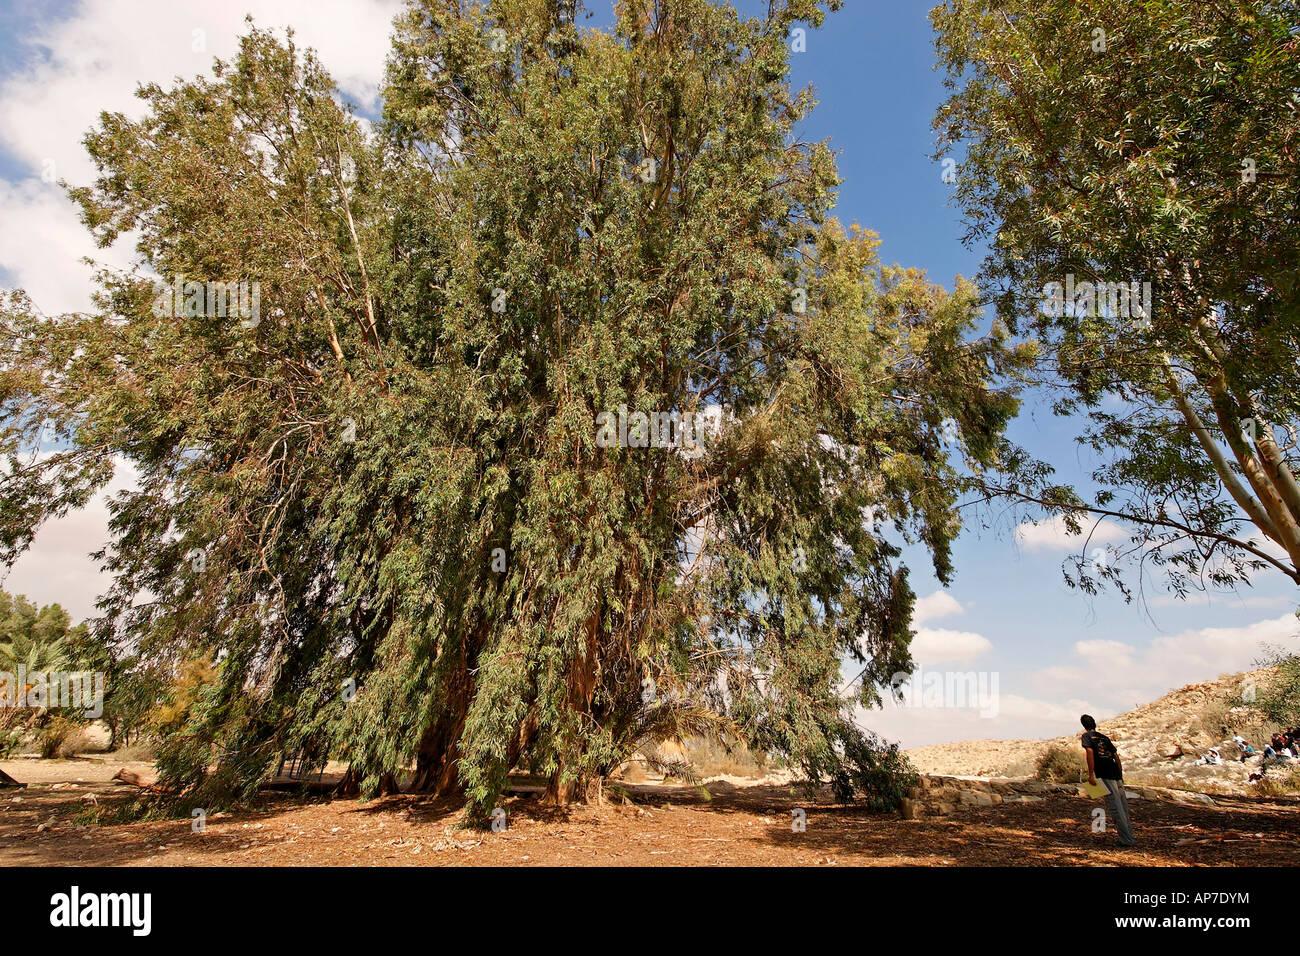 Israel en el desierto de Negev, árbol de eucalipto en ser erotaim Imagen De Stock